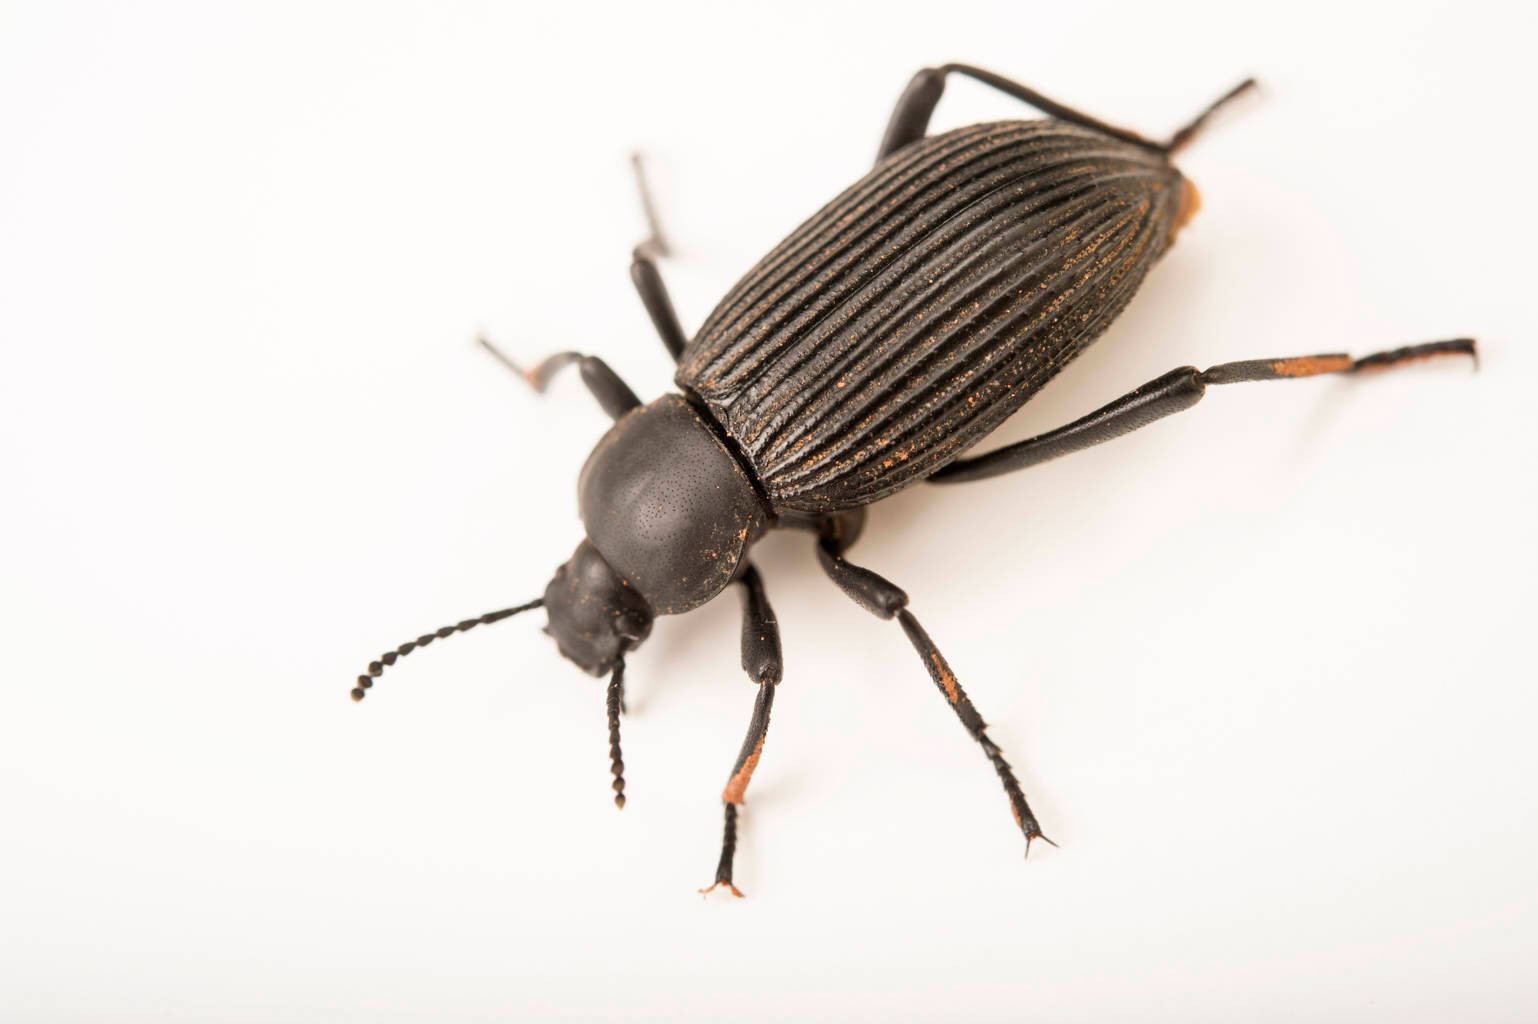 Photo: Darkling Beetle (Eleodes obscurus) at the Loveland Living Planet Aquarium in Draper, UT.